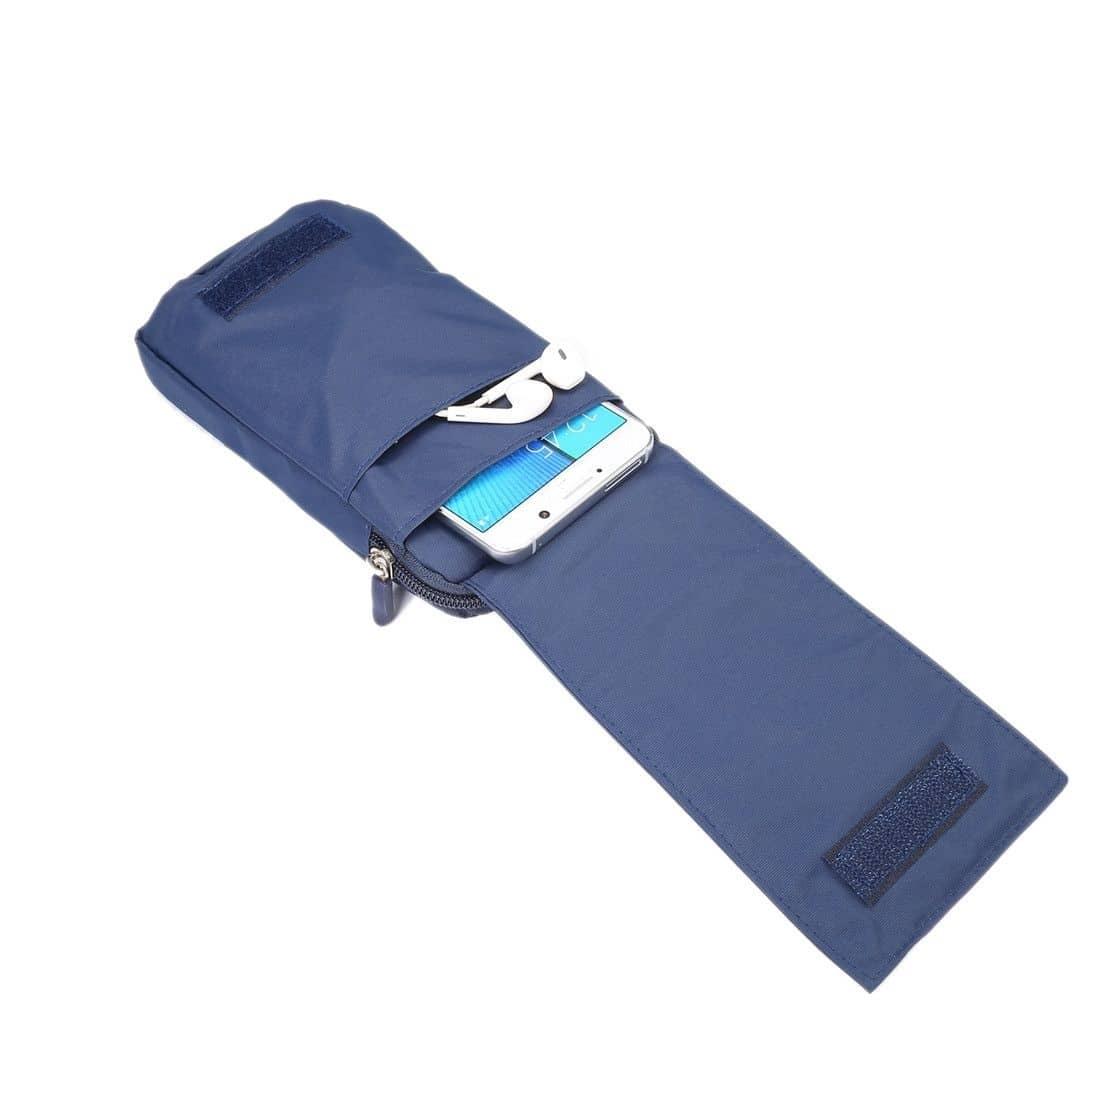 para-NOKIA-E7-Funda-Azul-Multiusos-XXM-18x10cm-Cinturon-Universal